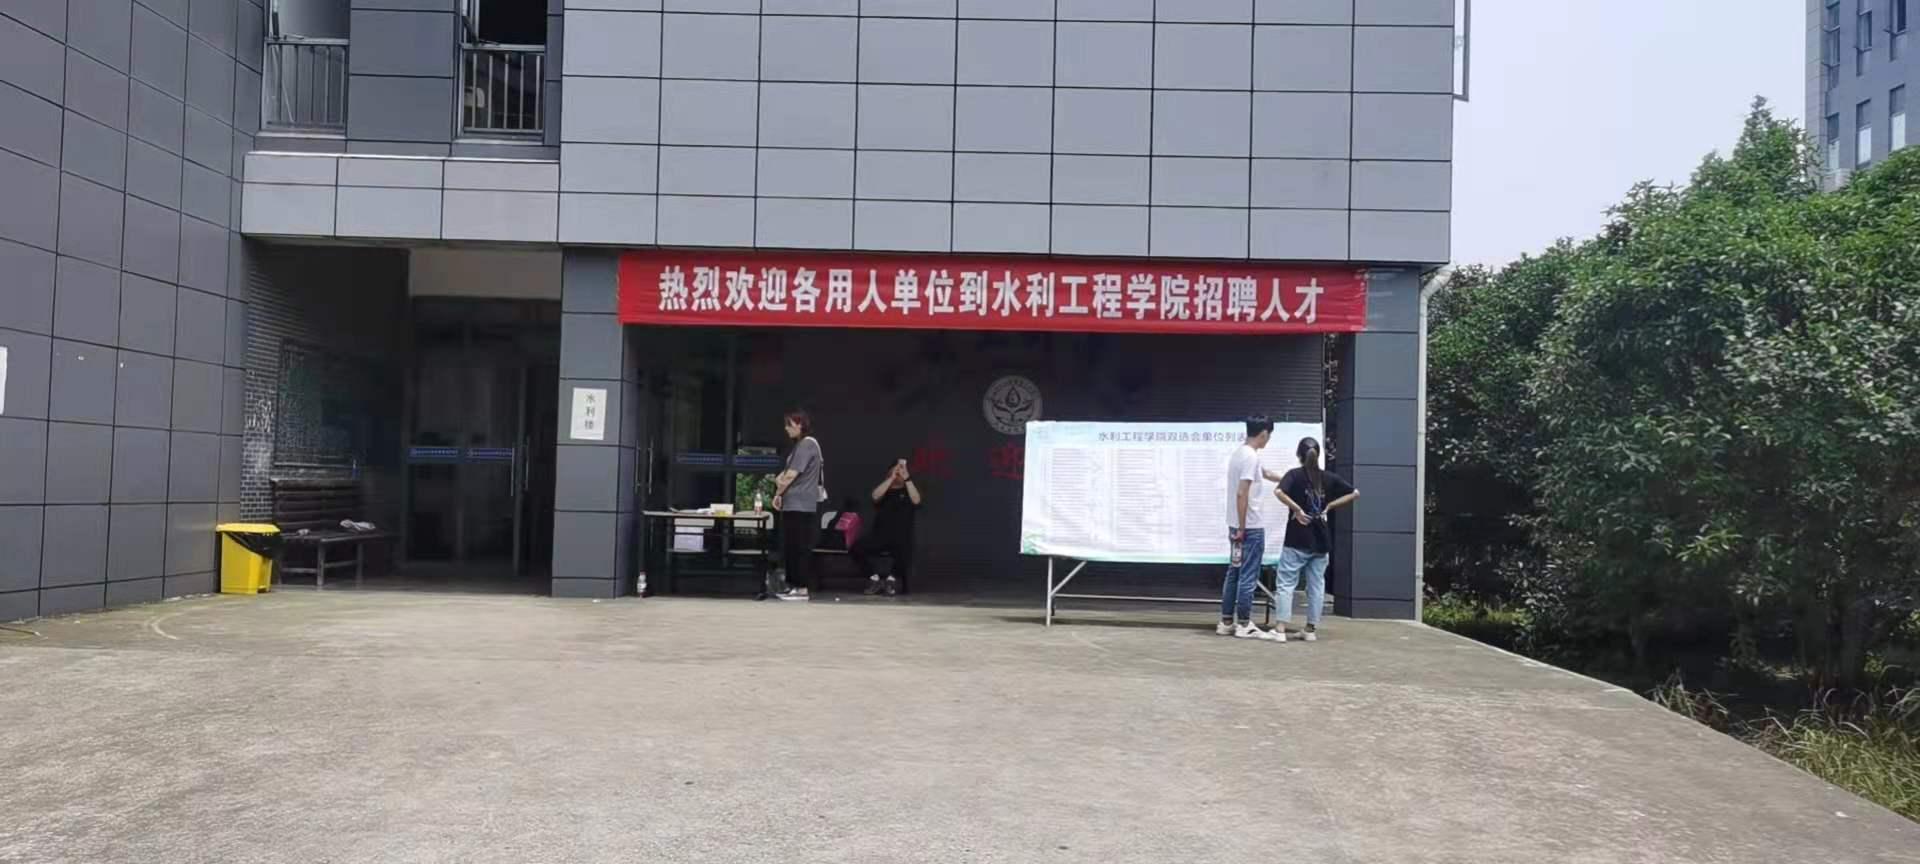 公司赴安徽省水利水电职业技术学院招聘工程技术人员(图1)